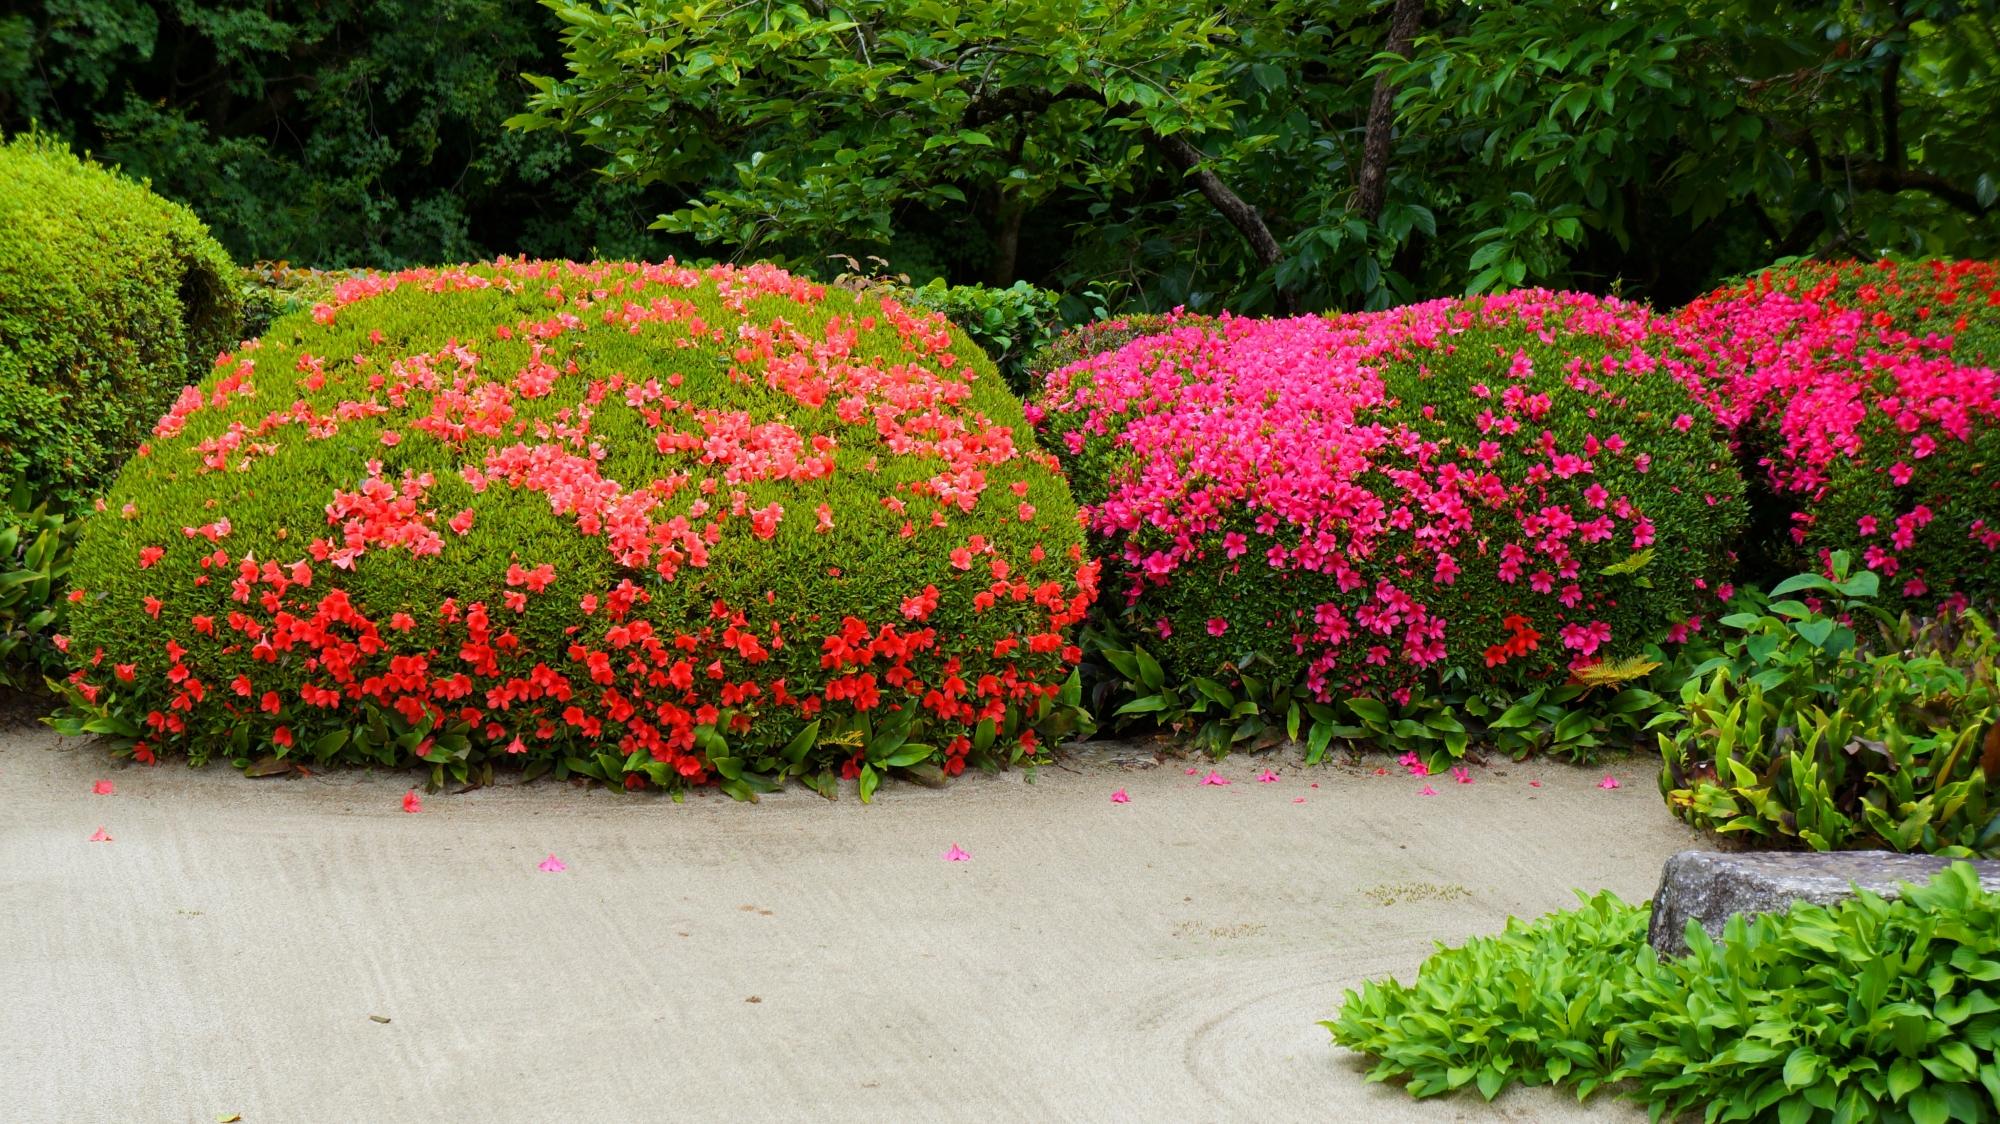 優雅に咲き誇るピンクや朱色のサツキの花